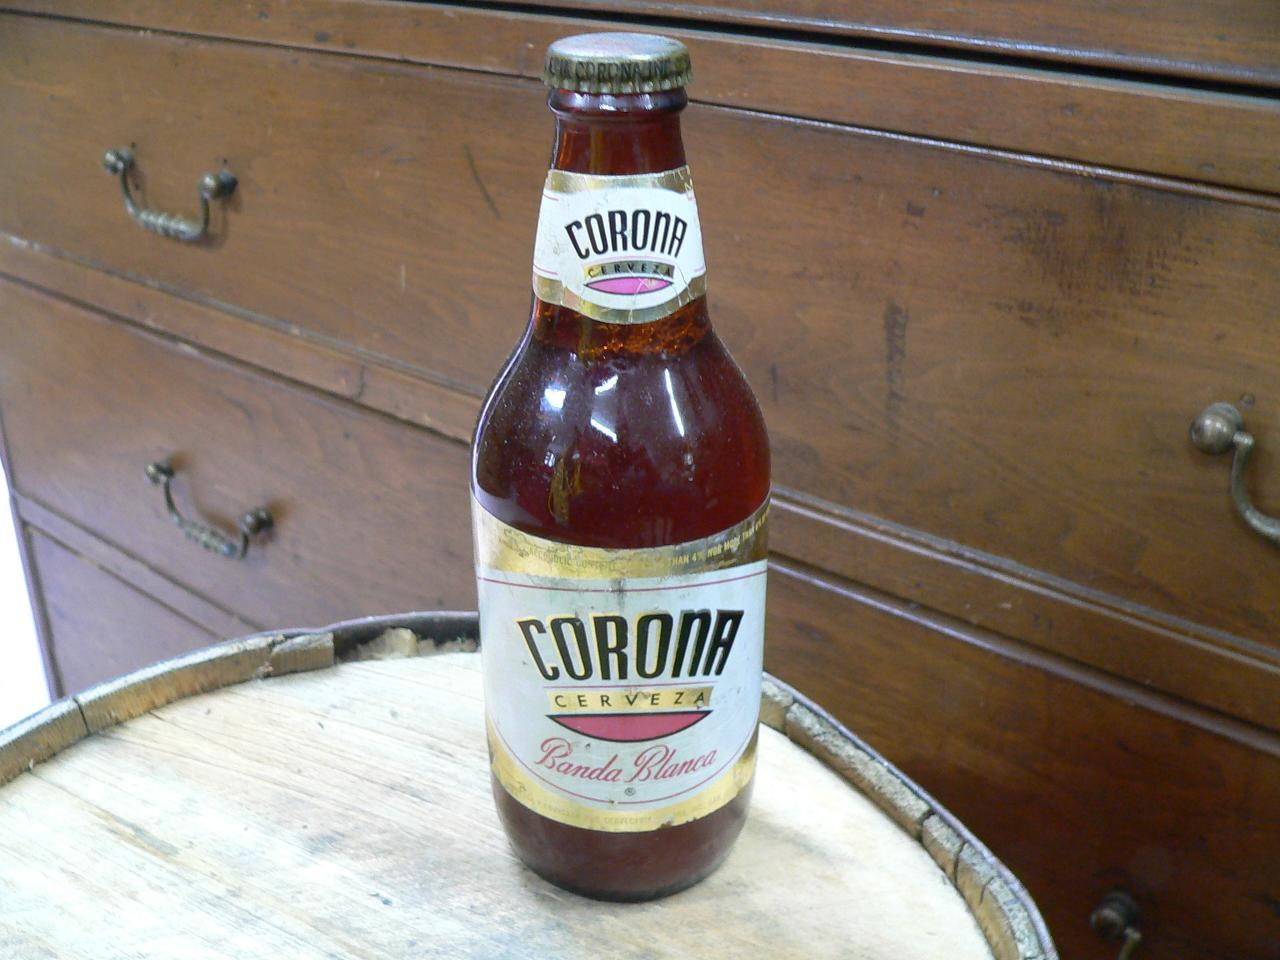 Bouteille corona cerveza # 4664.4